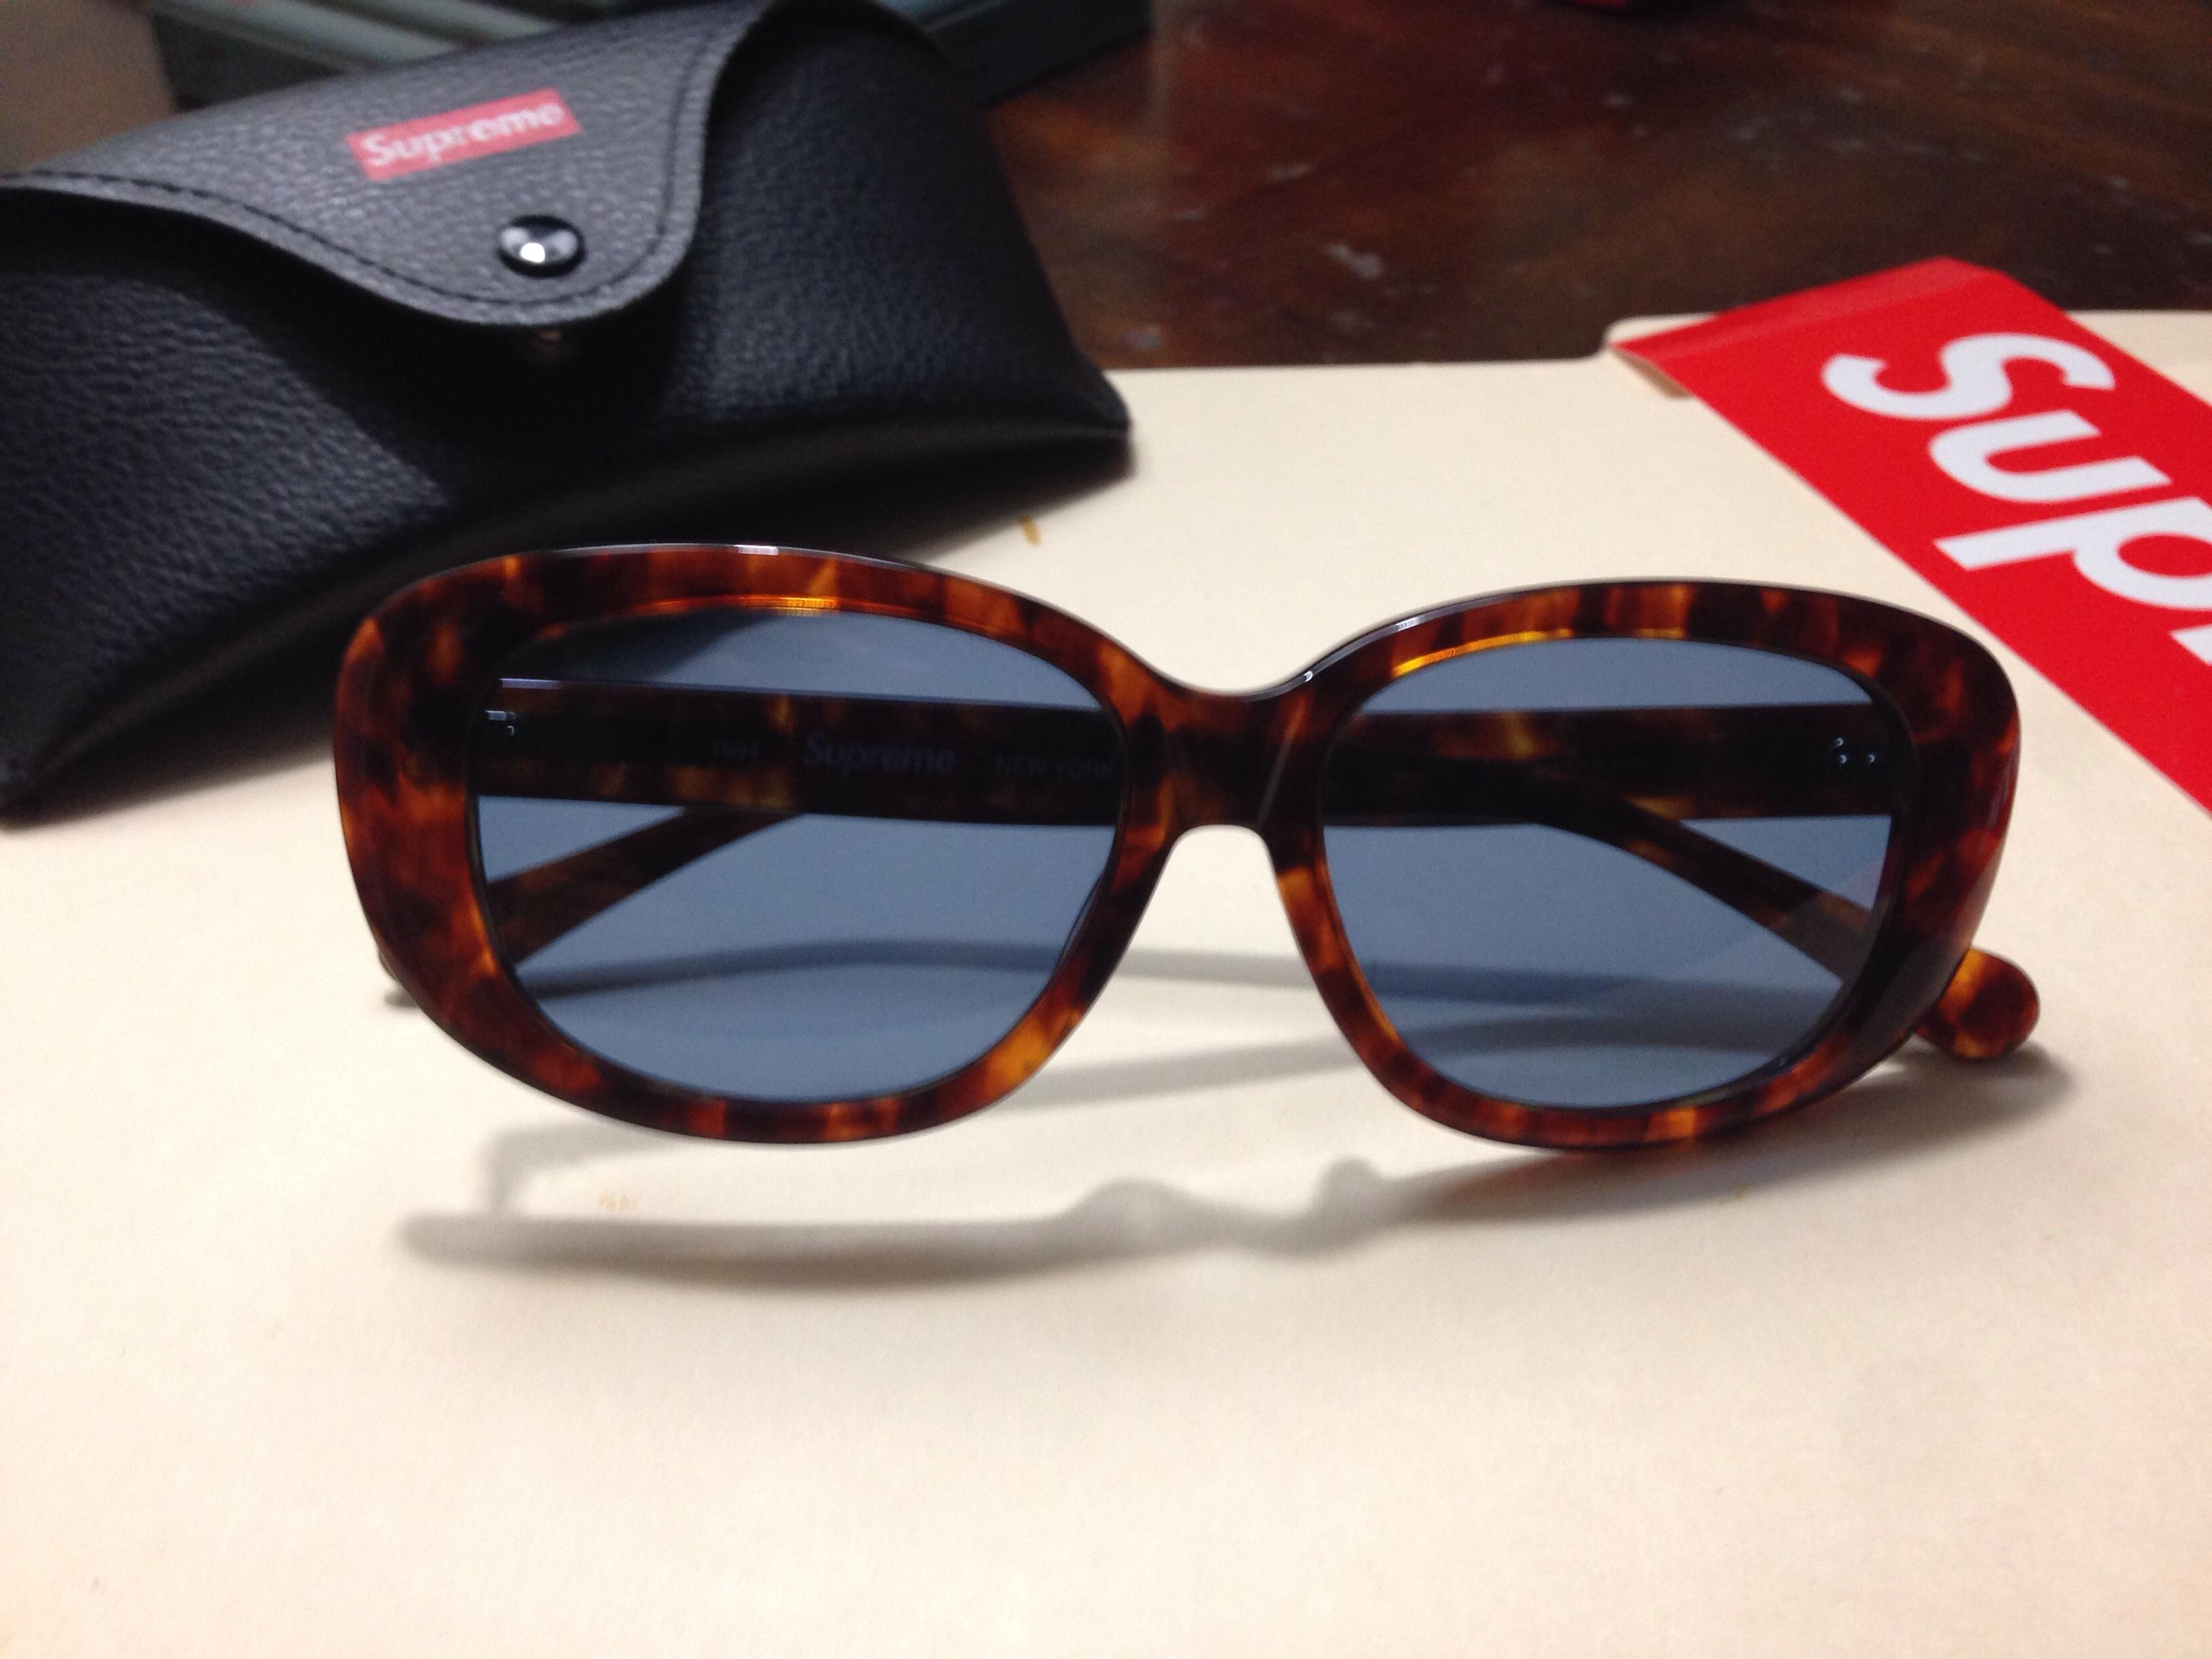 e51280896e Supreme 1994 Sunglasses